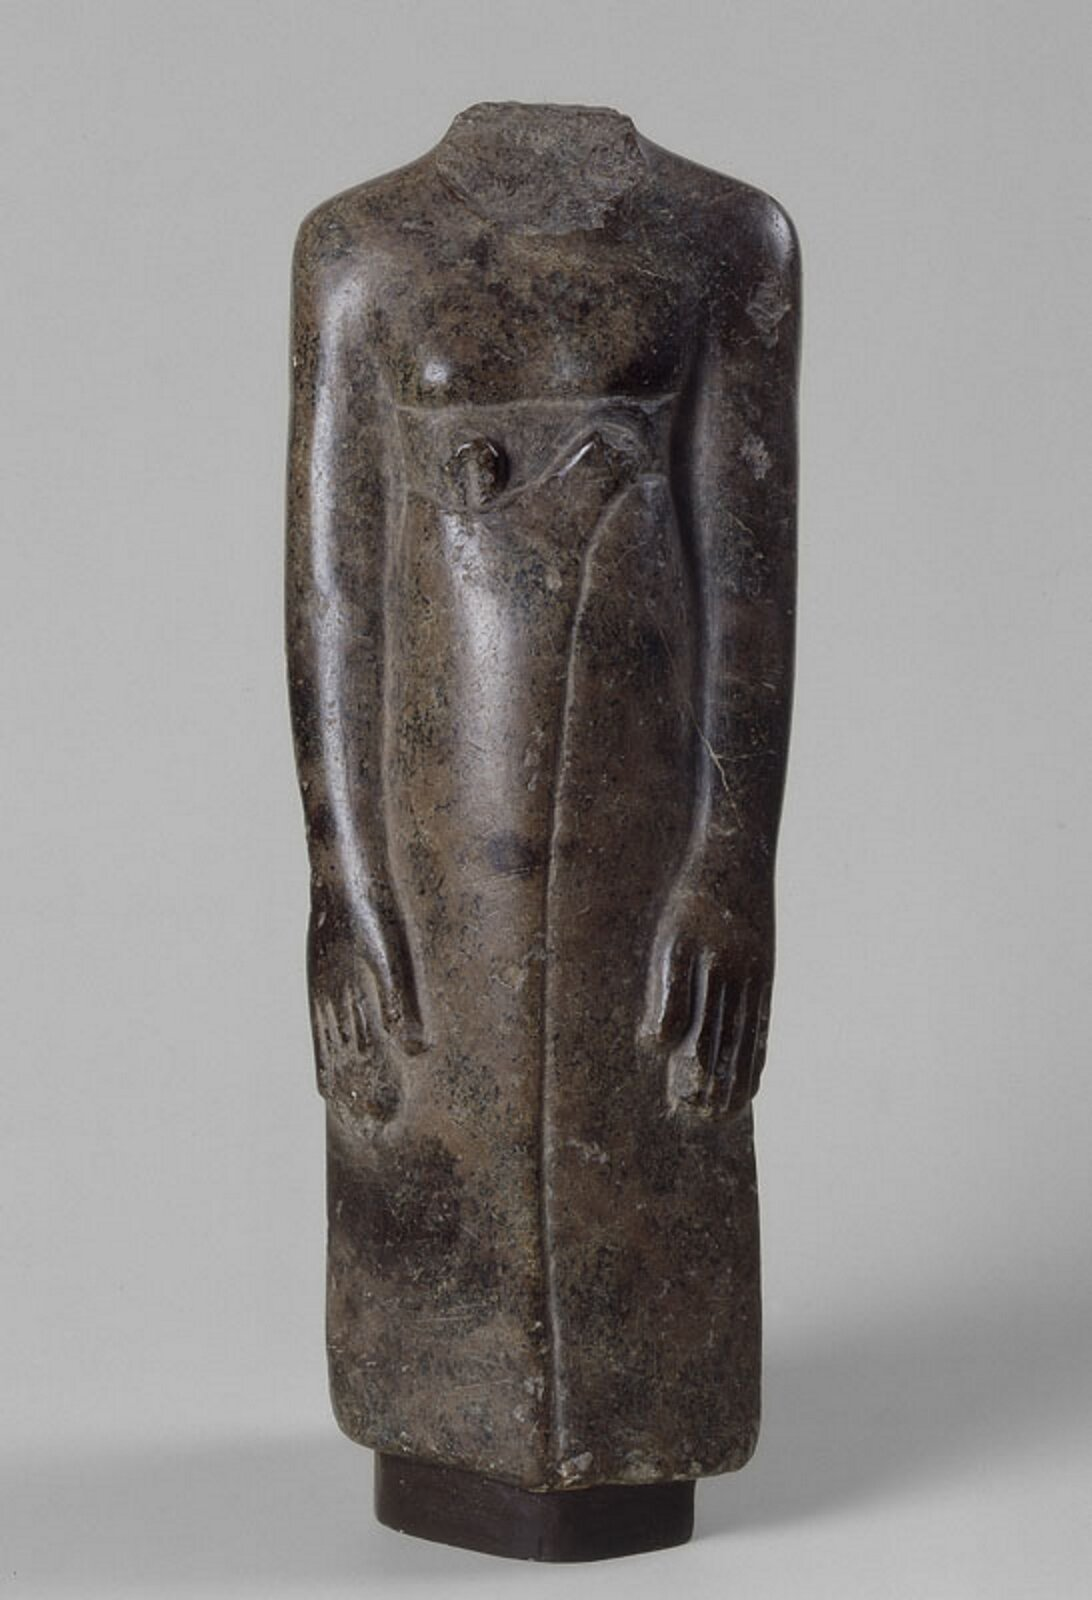 """Ilustracja przedstawia rzeźbę """"Fragment figurki mężczyzny - kapłana"""". Widoczna jest stojąca sylwetka postaci bez głowy. Rzeźba wykonana jest prawdopodobnie zdiorytu. Ręce są ułożone wzdłuż tułowia."""